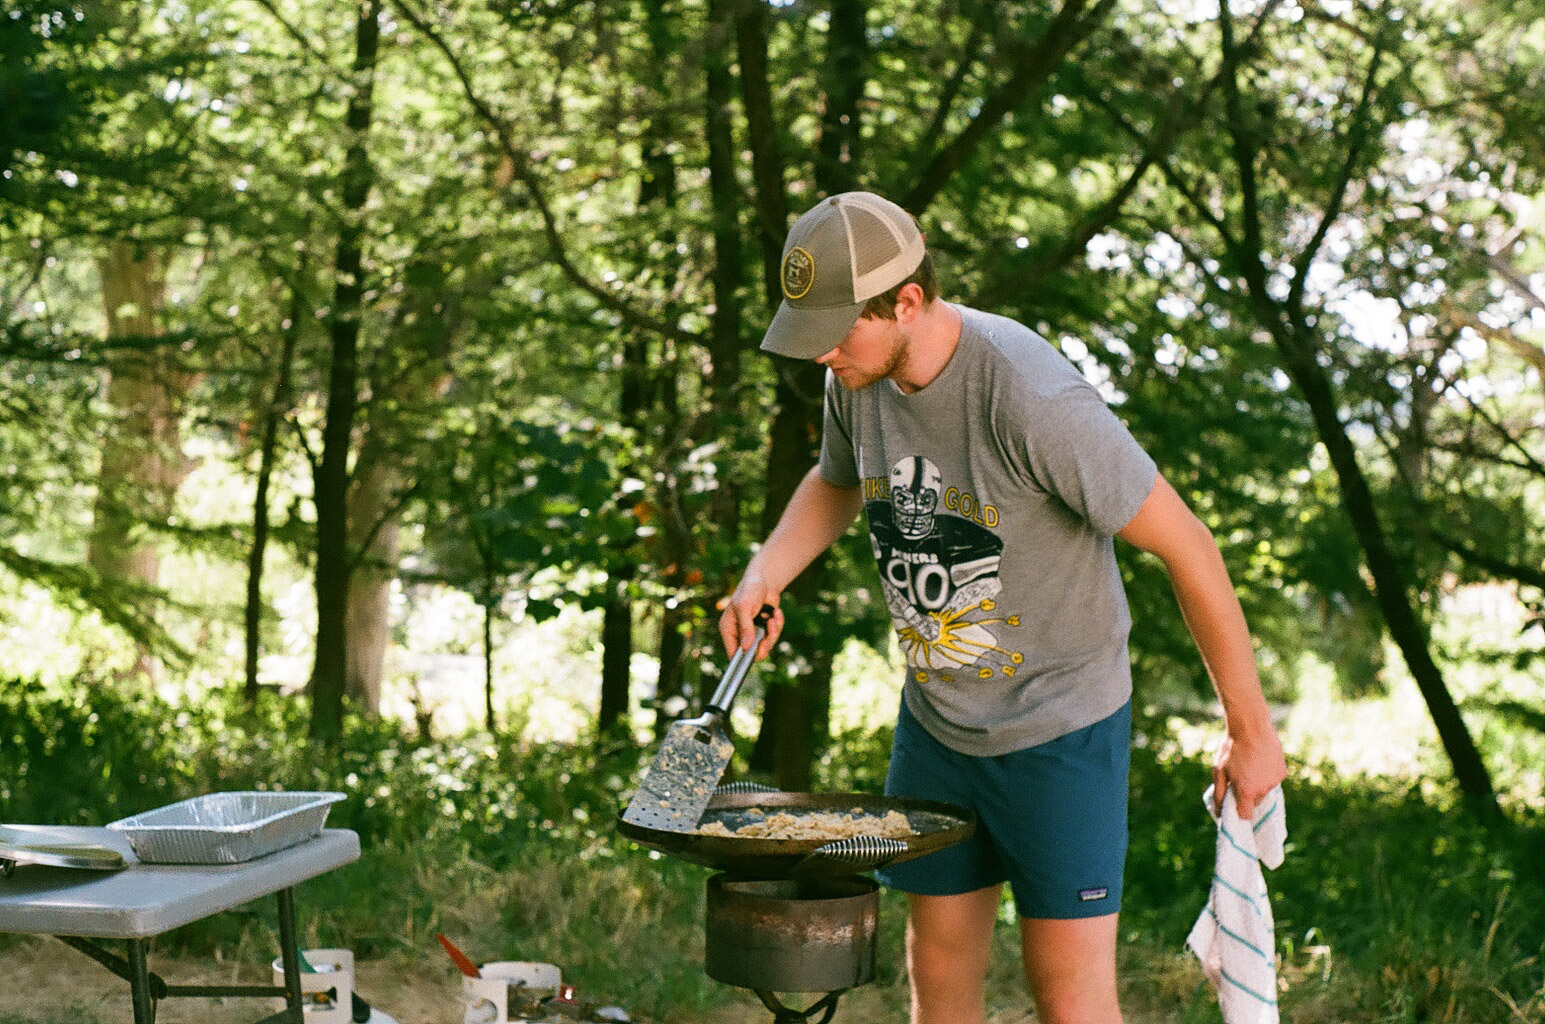 Jacob, master breakfast maker